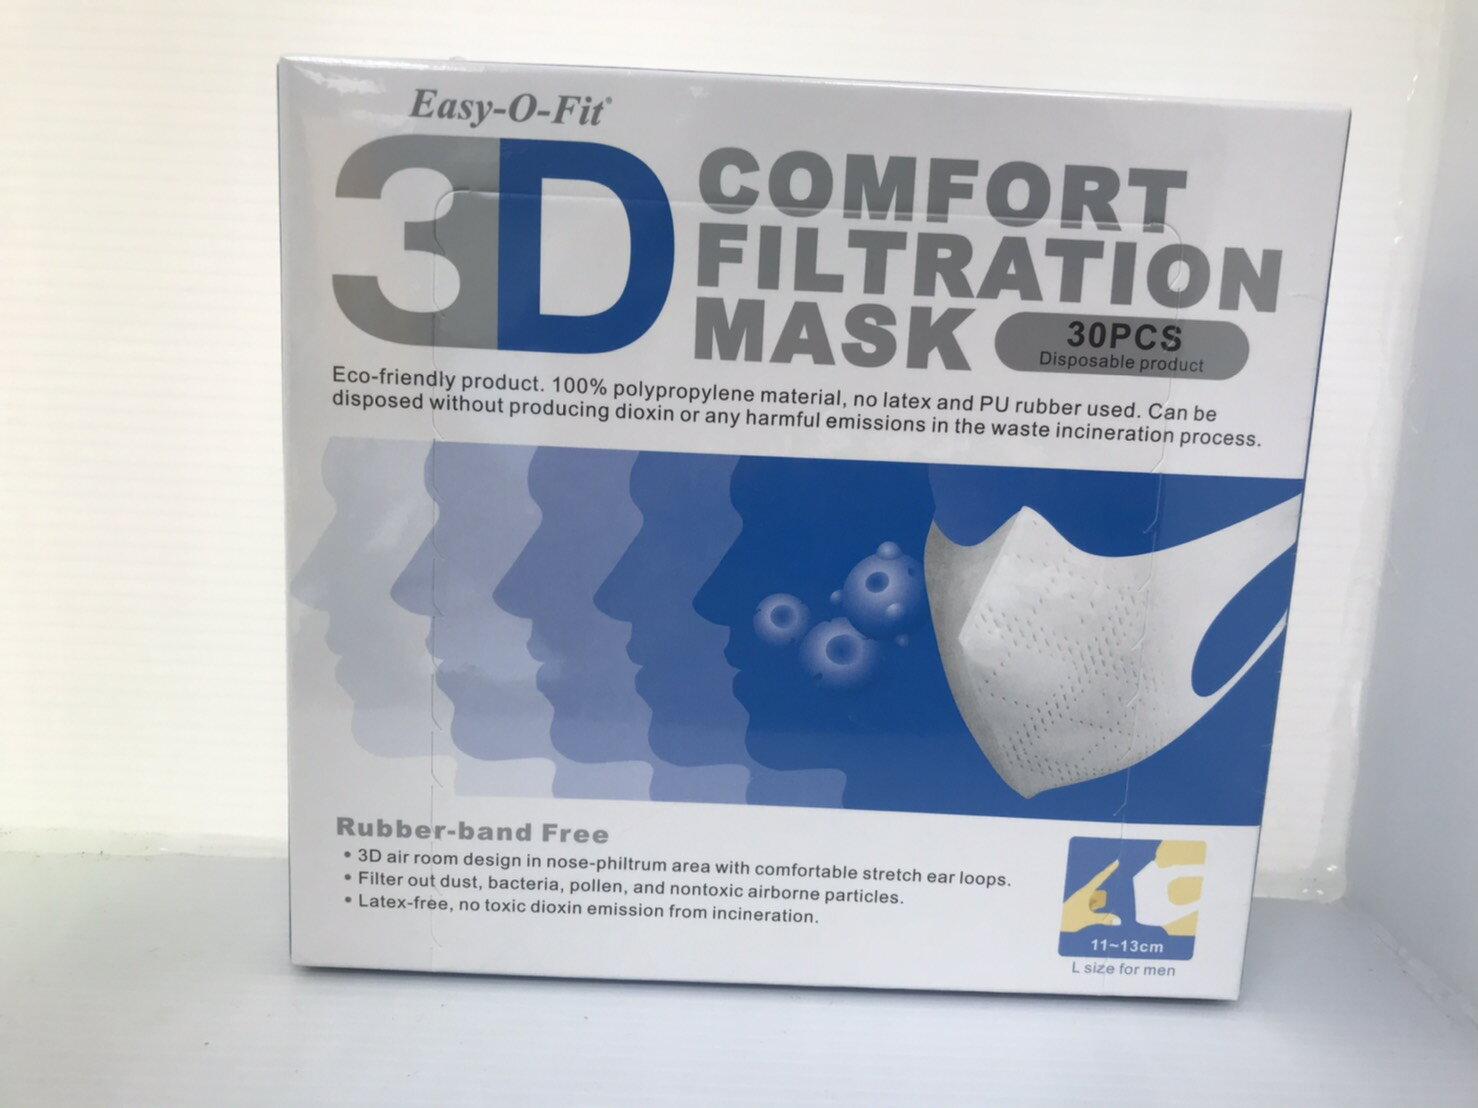 Easy-O-Fit 3D Comfort Filtration Mask 口罩#30片#MIT #兒童口罩#美國品牌